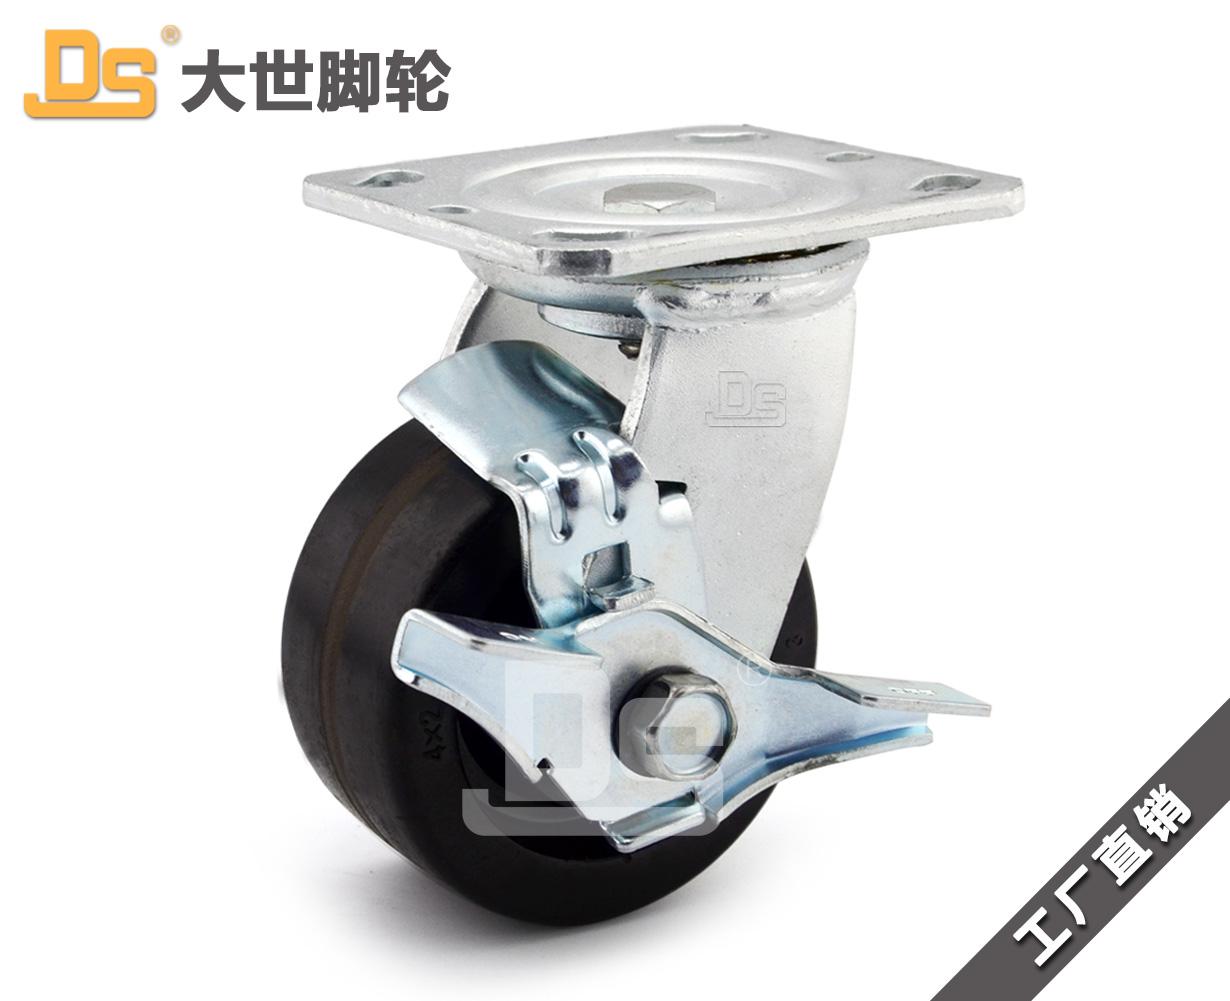 青岛脚轮脚轮厂家 山东实惠的耐高温脚轮哪里有供应